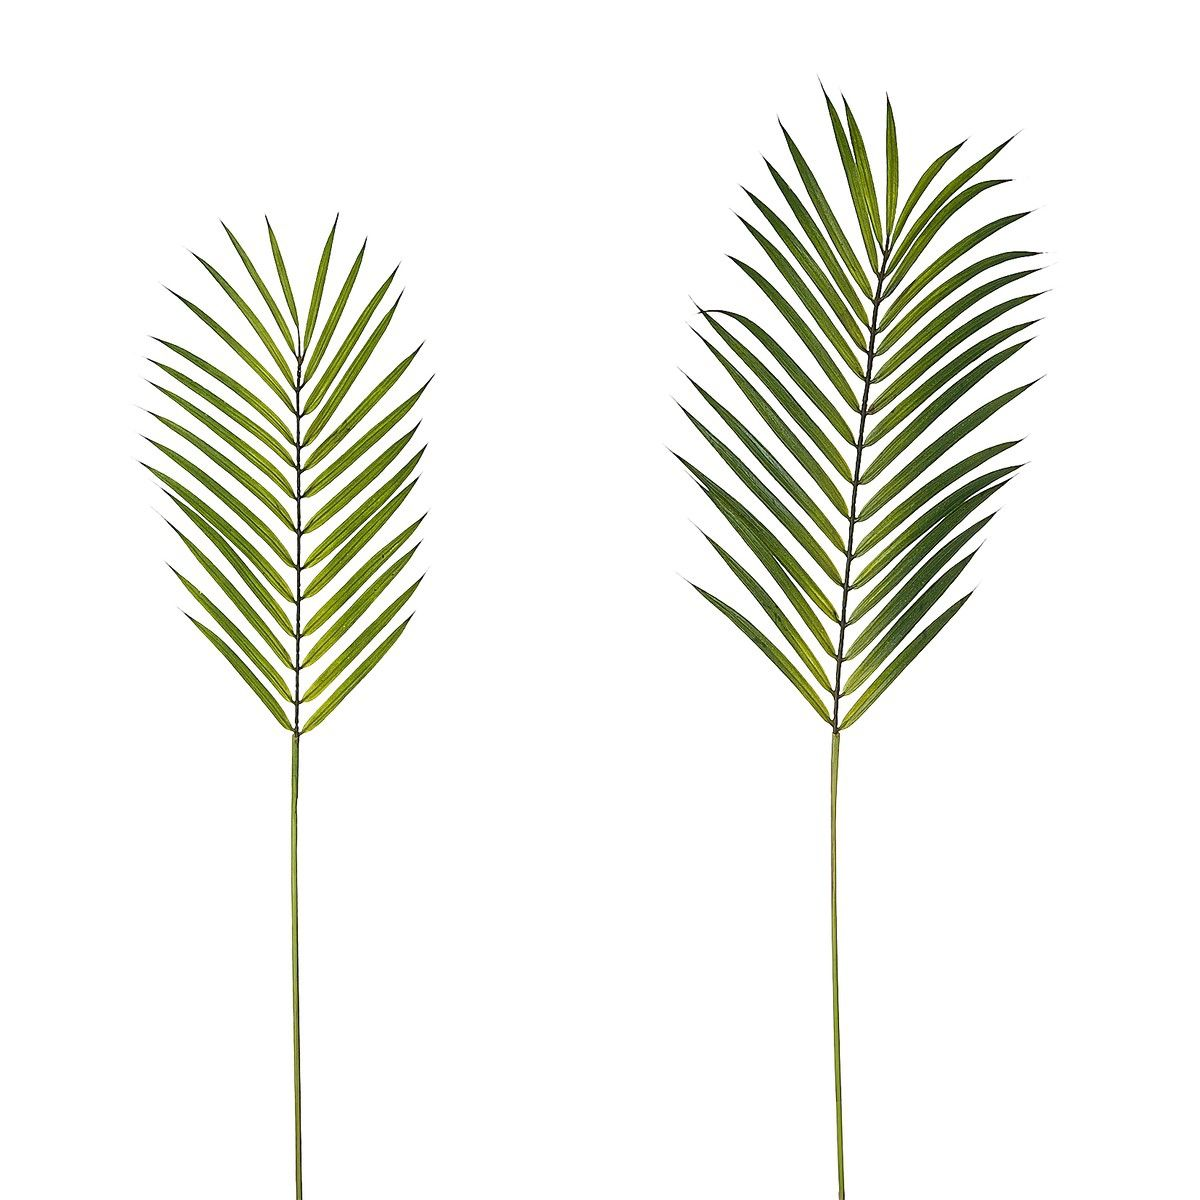 Feuilles de palmier sia d co objets accessoires pinterest feuilles de palmiers - Palmier hawaien feuilles jaunes ...